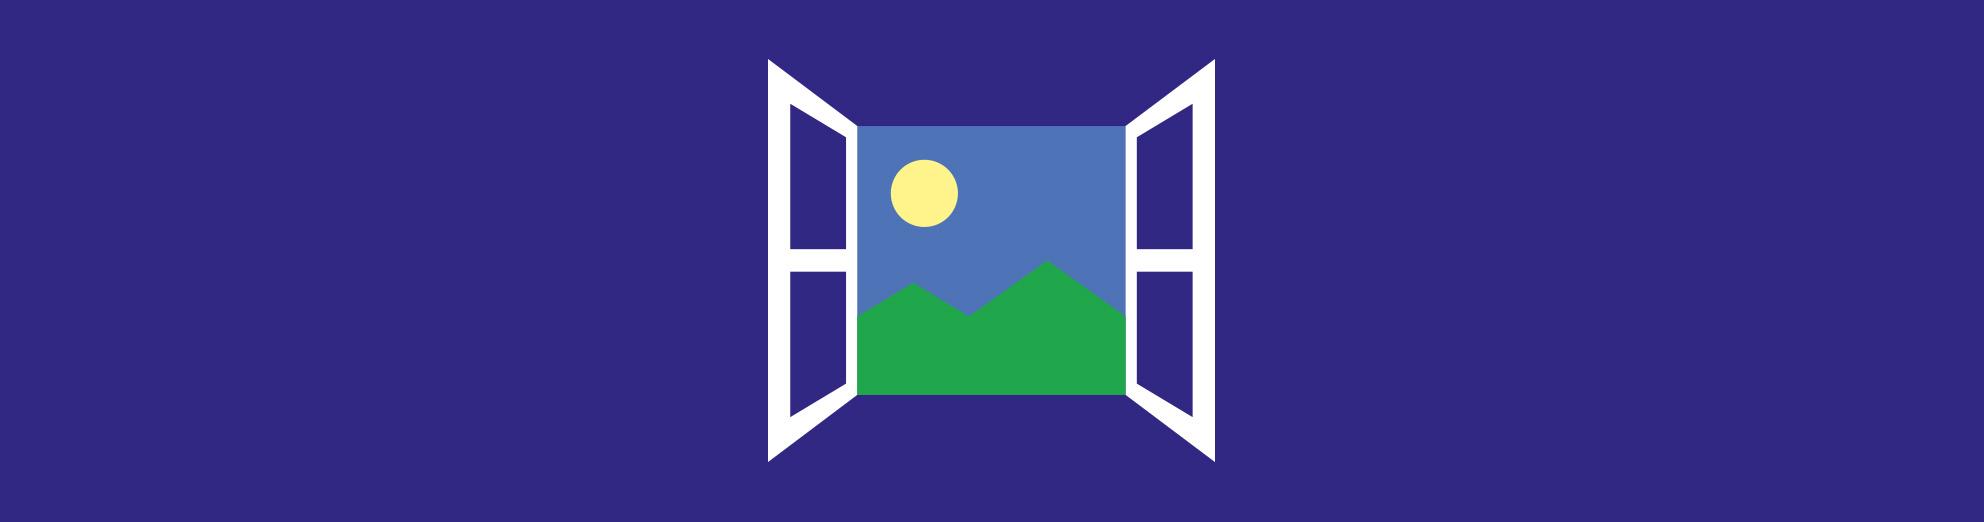 Dessin de fenêtre ouverte